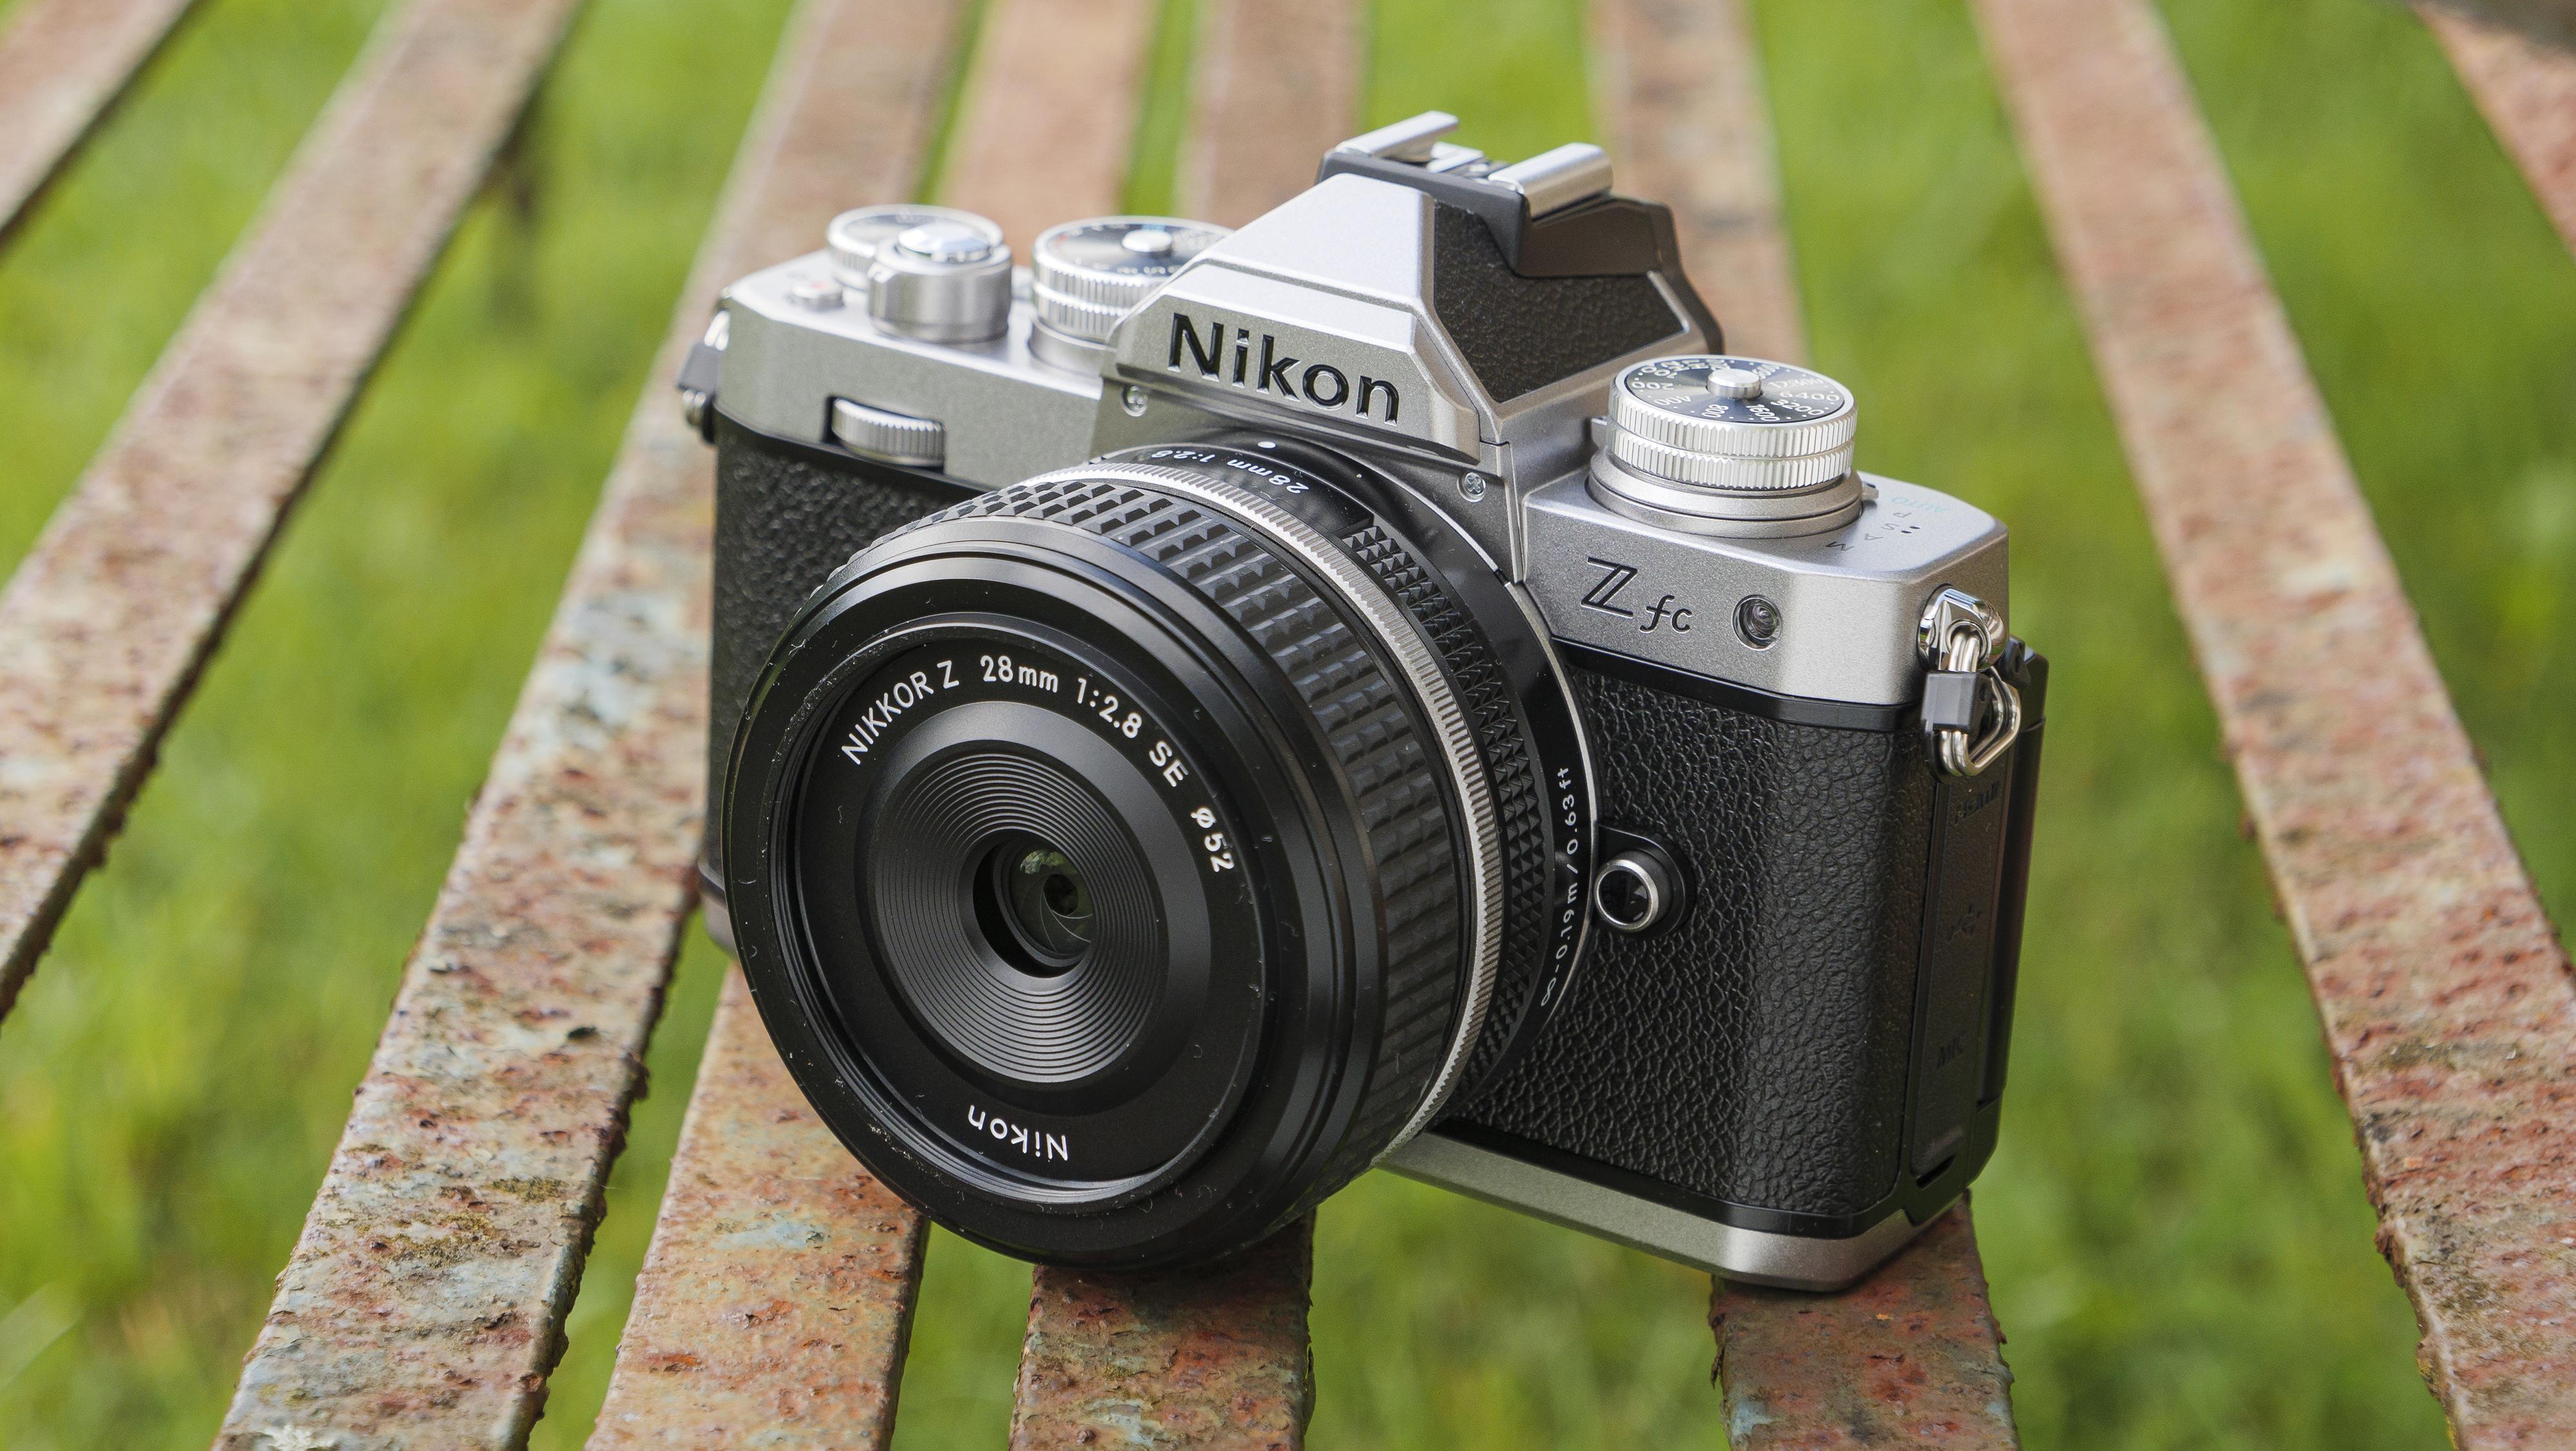 The Nikon Z fc camera on a park bench